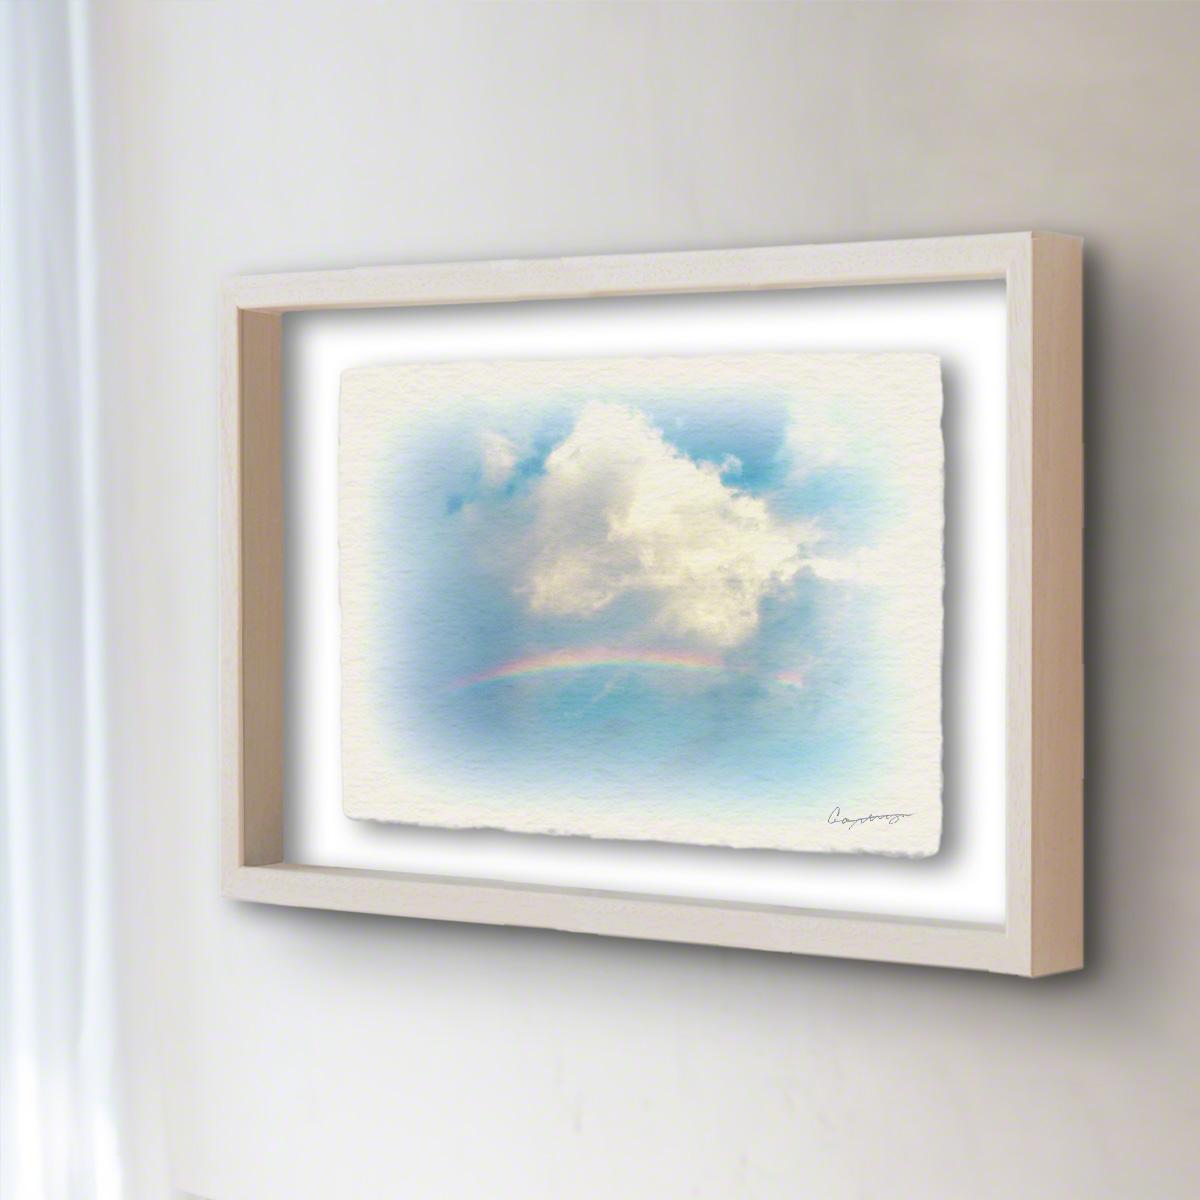 和紙 手作り アートフレーム 「虹と入道雲」(64x52cm) 絵画 絵 ポスター 壁掛け モダン アート 和風 オリジナル インテリア 風景画 ランキング おすすめ おしゃれ 人気 キッチン リビング ダイニング 玄関 和室